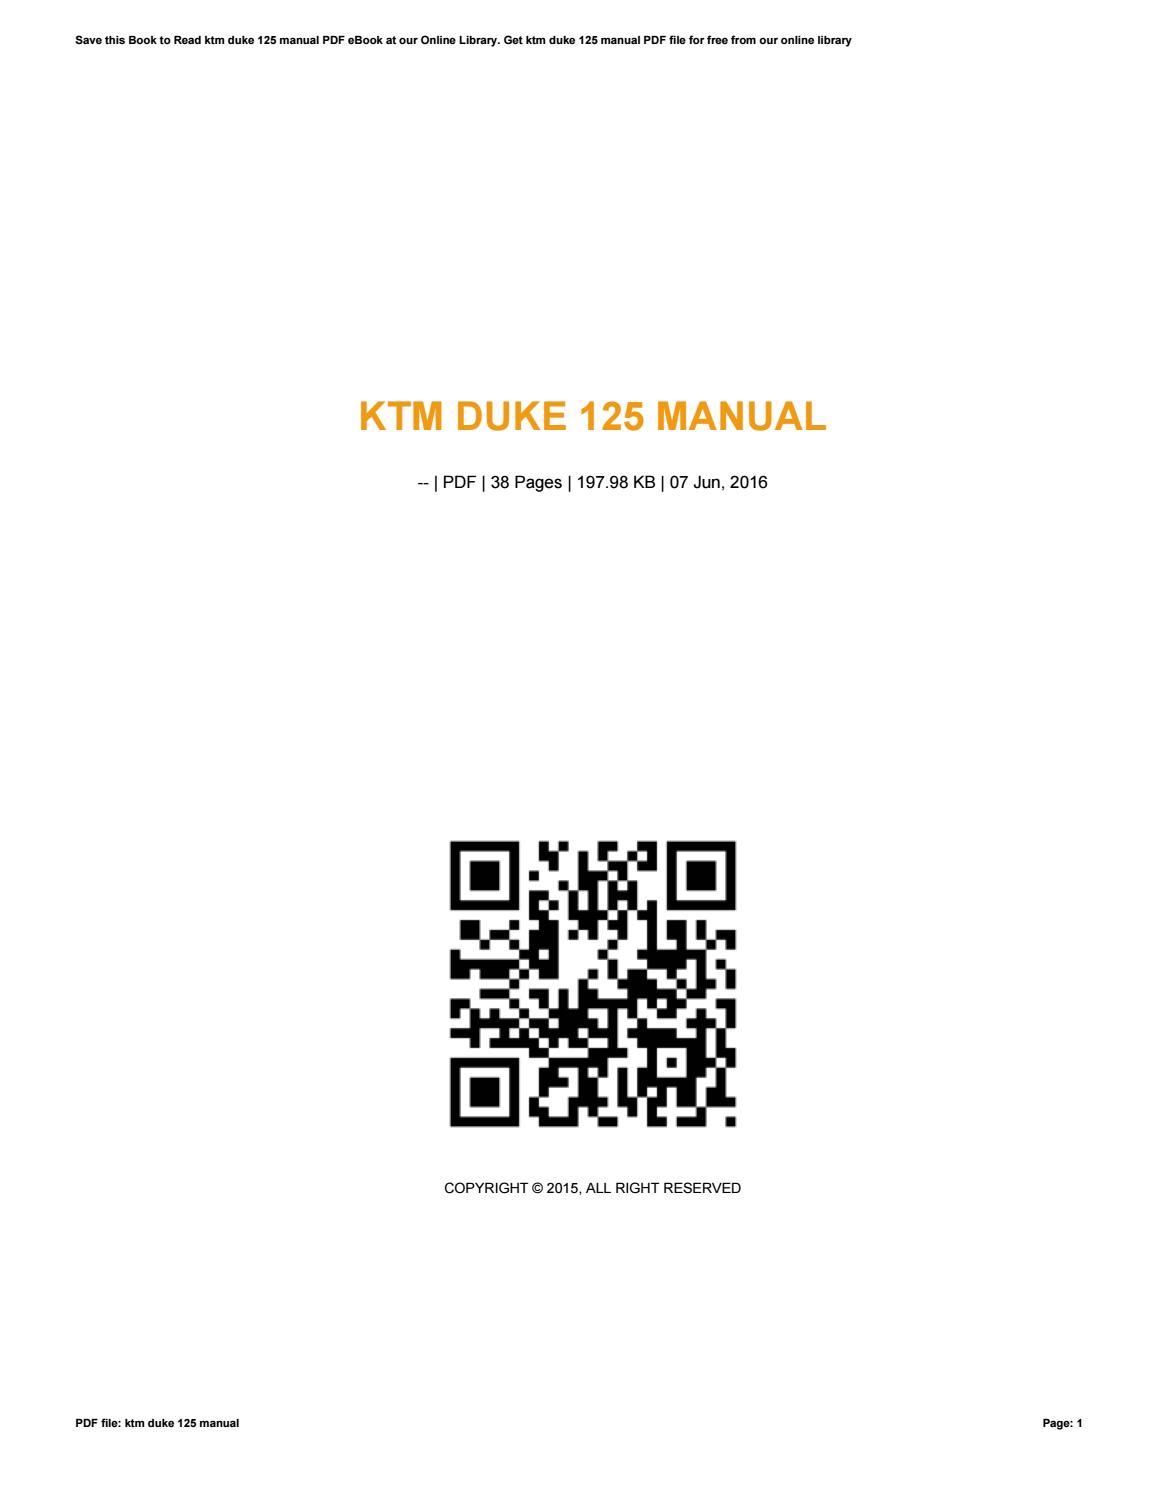 ktm duke 125 manual pdf